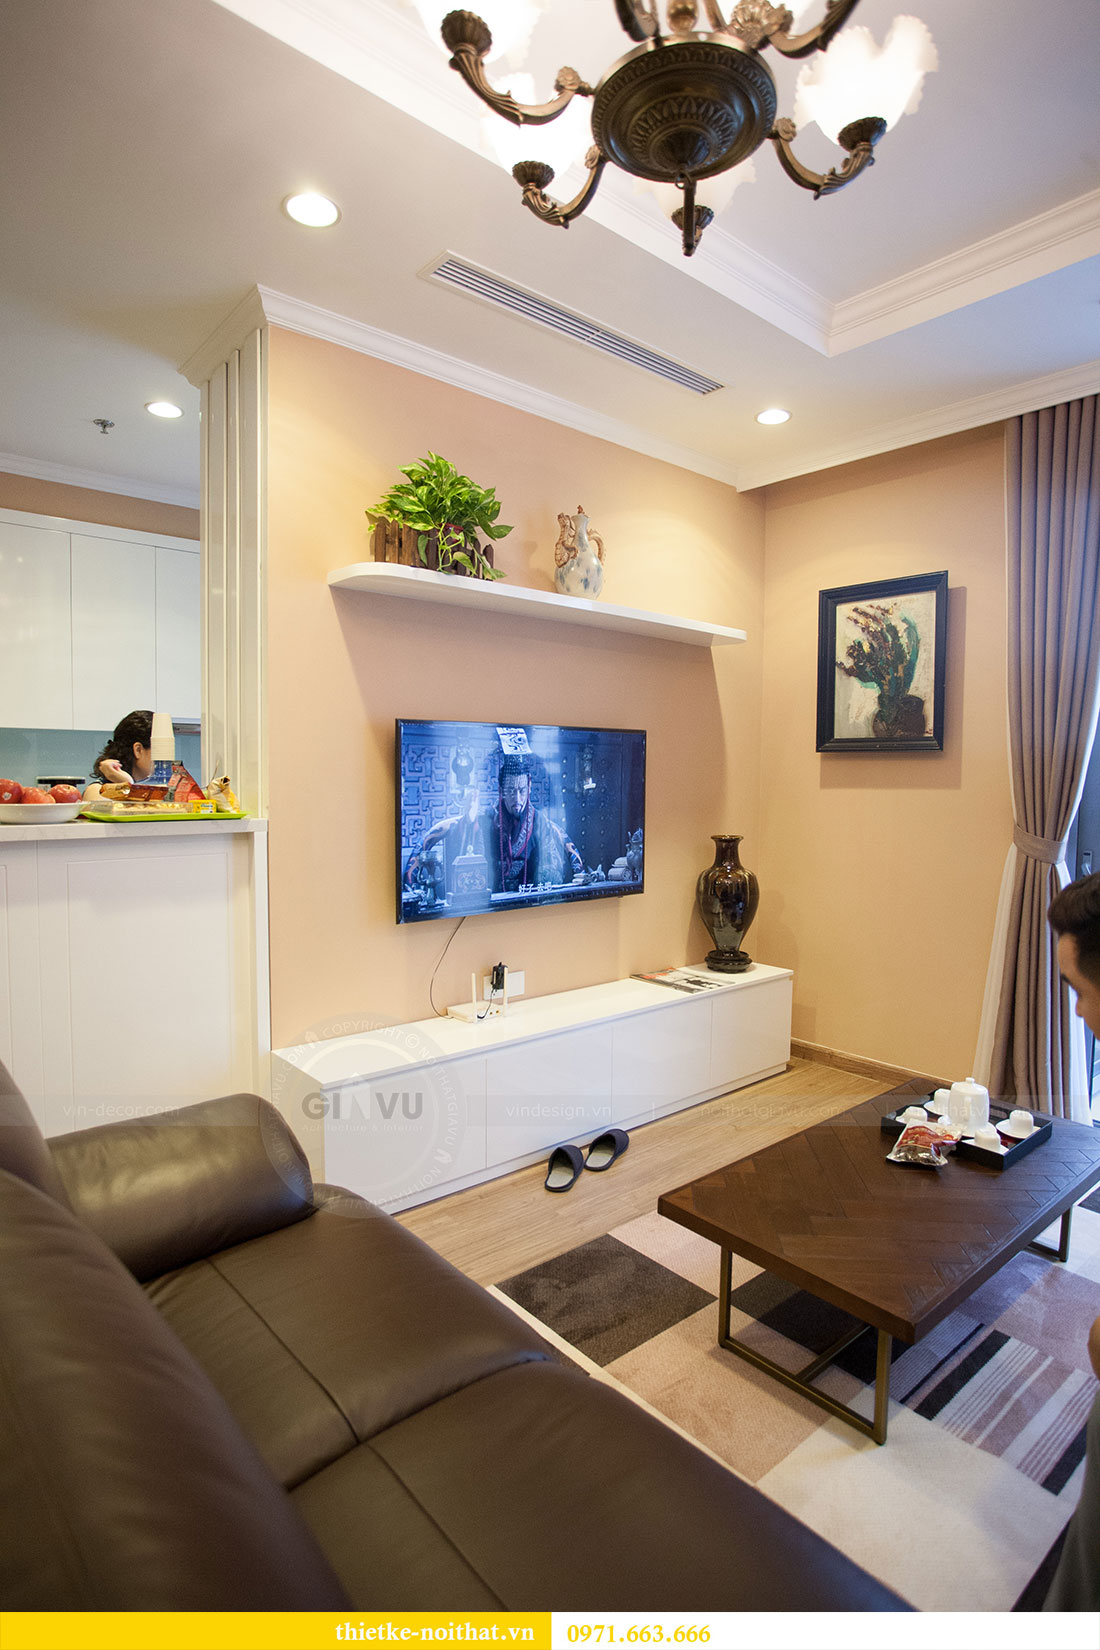 Hoàn thiện nội thất chung cư Park Hill nhà nhạc sỹ Nguyễn Cường 6